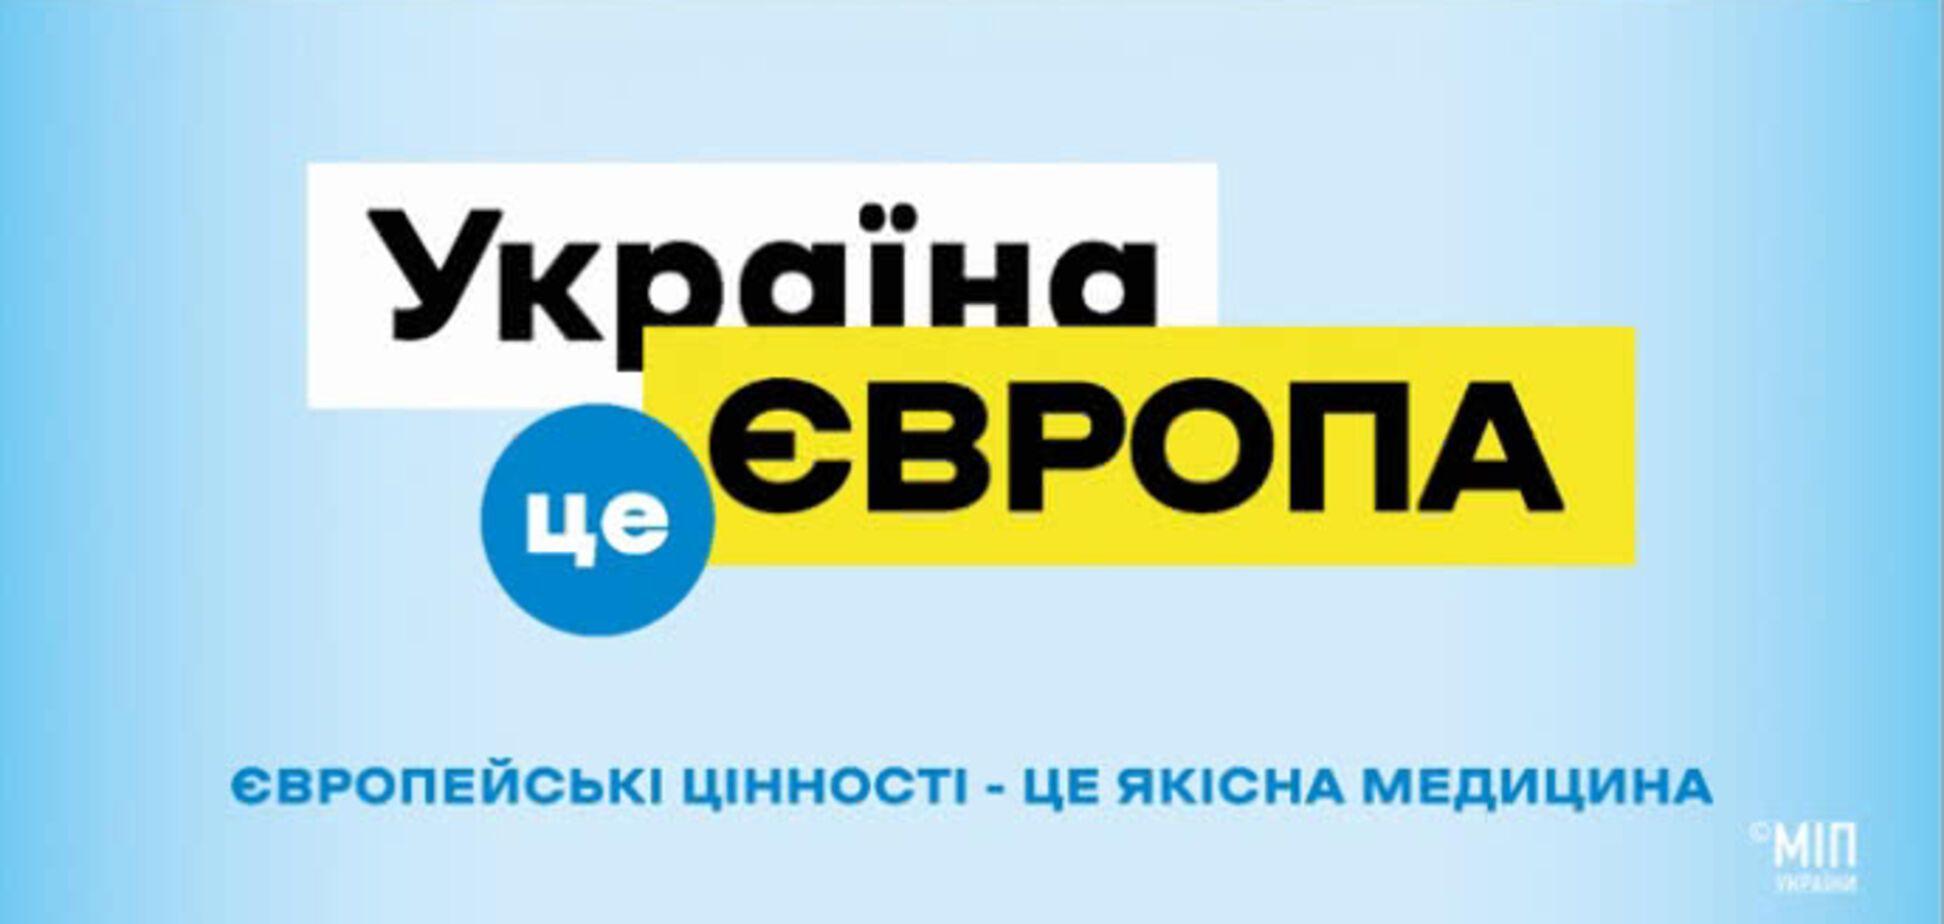 В Україні на соціальну рекламу витратять майже 16 млн грн